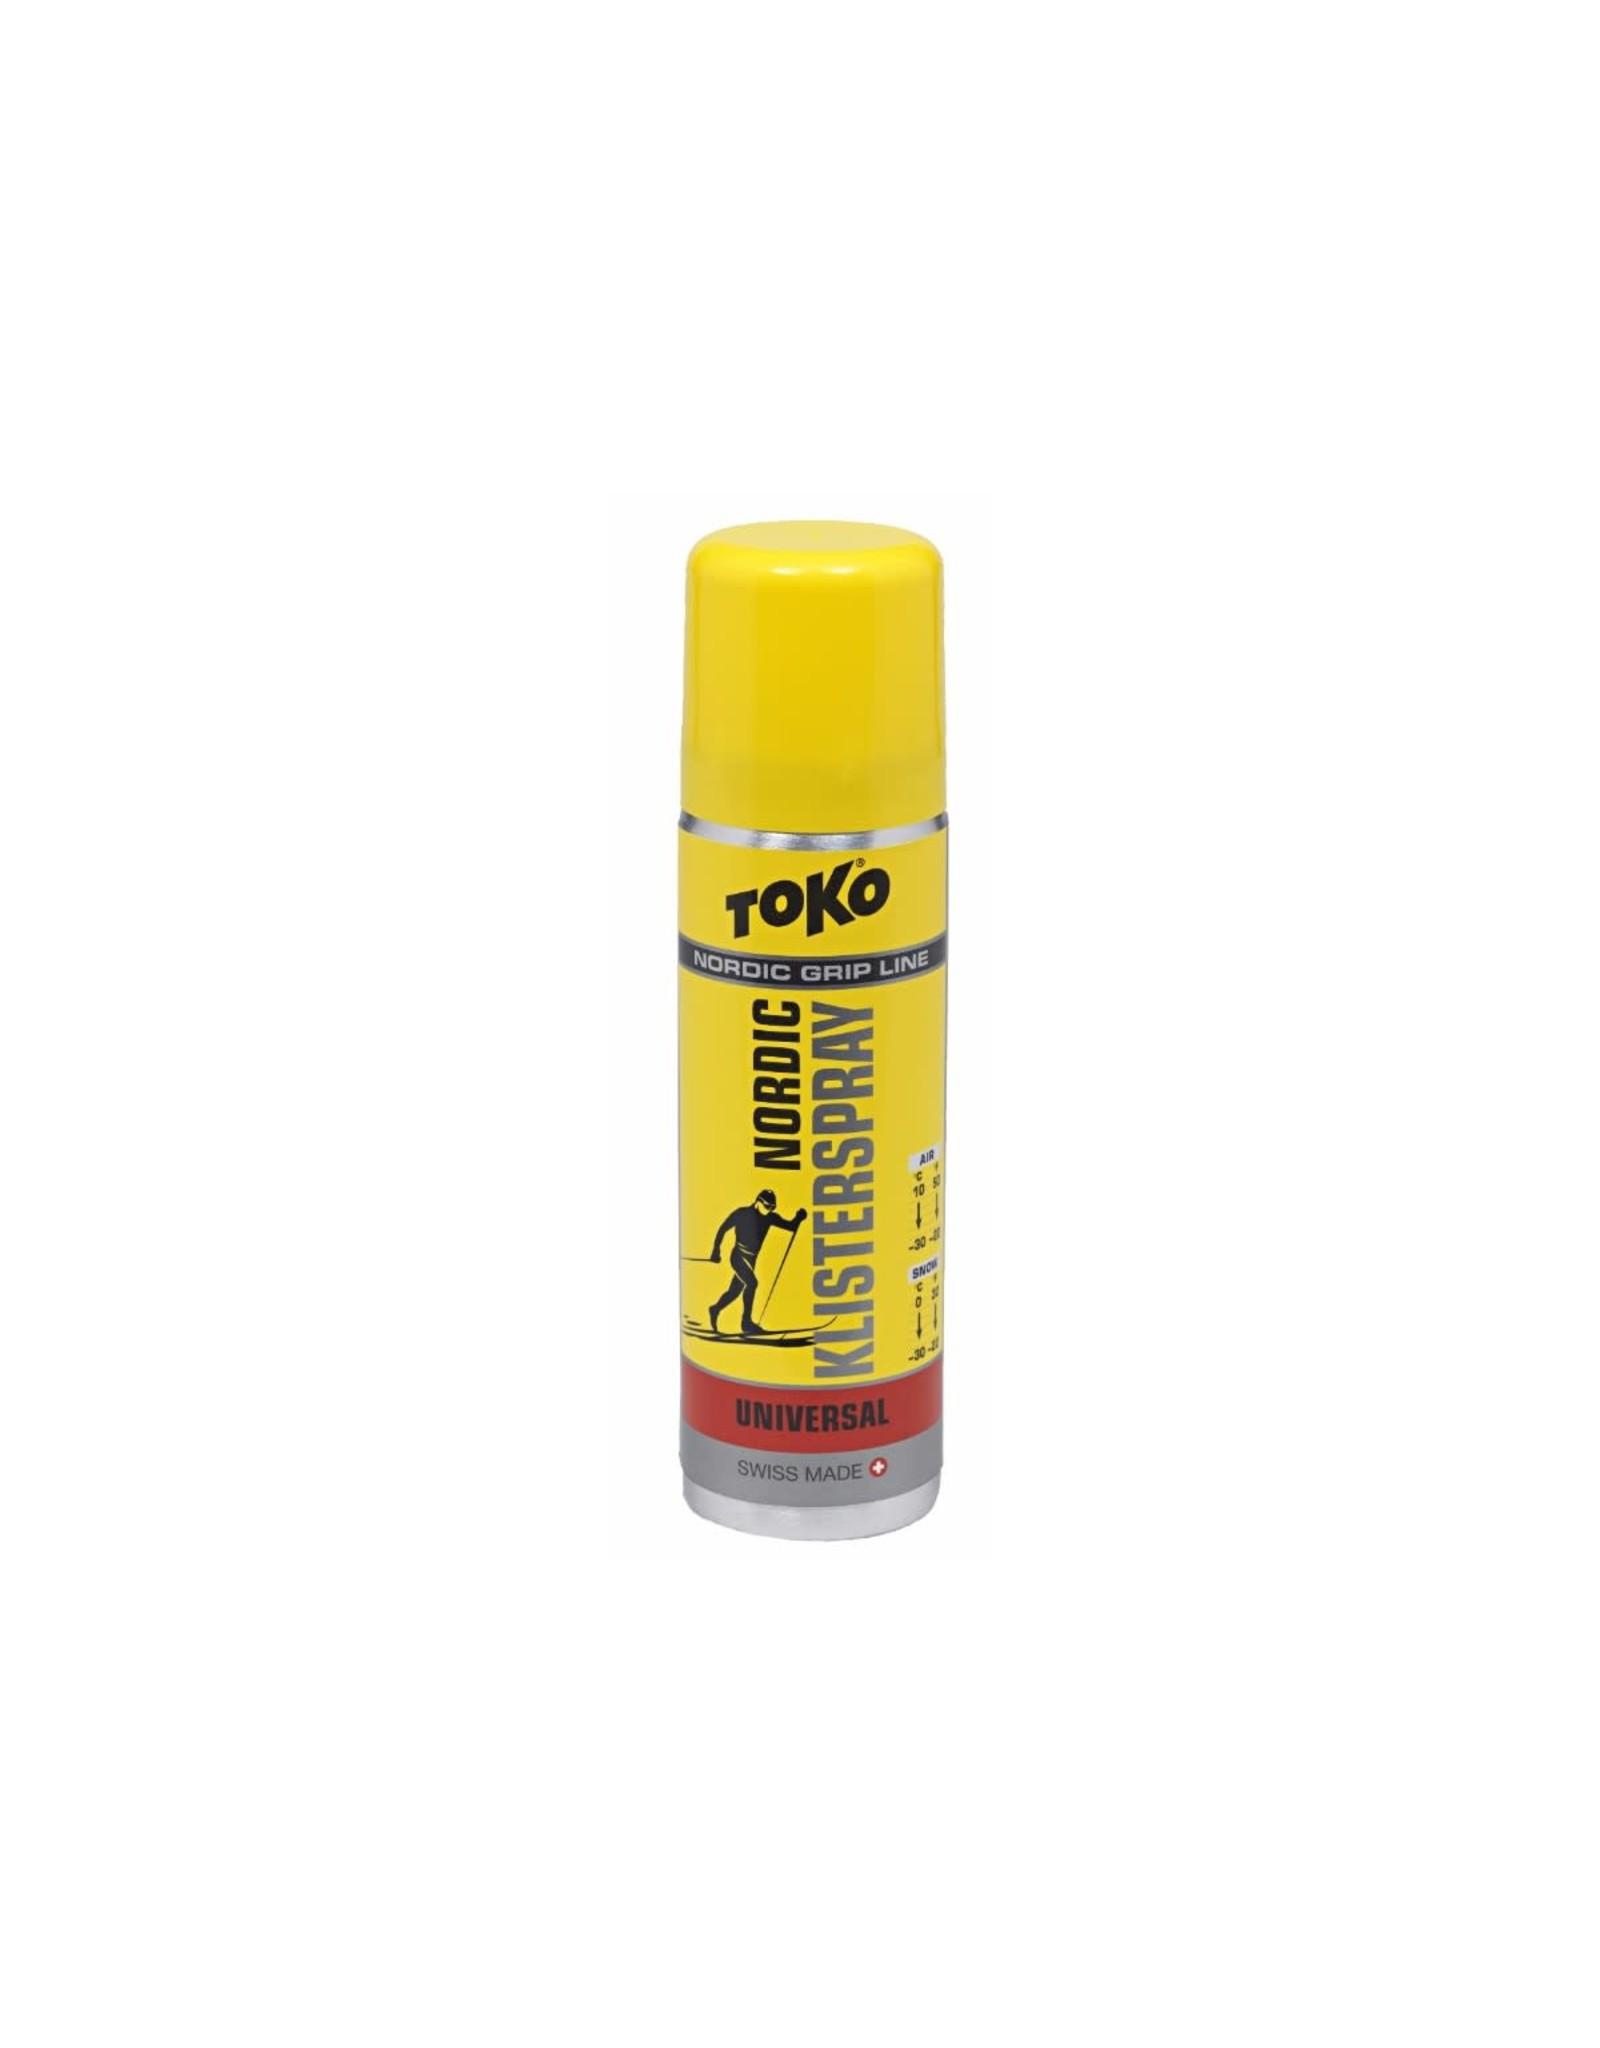 Toko Toko Nordic Klister Spray Universal